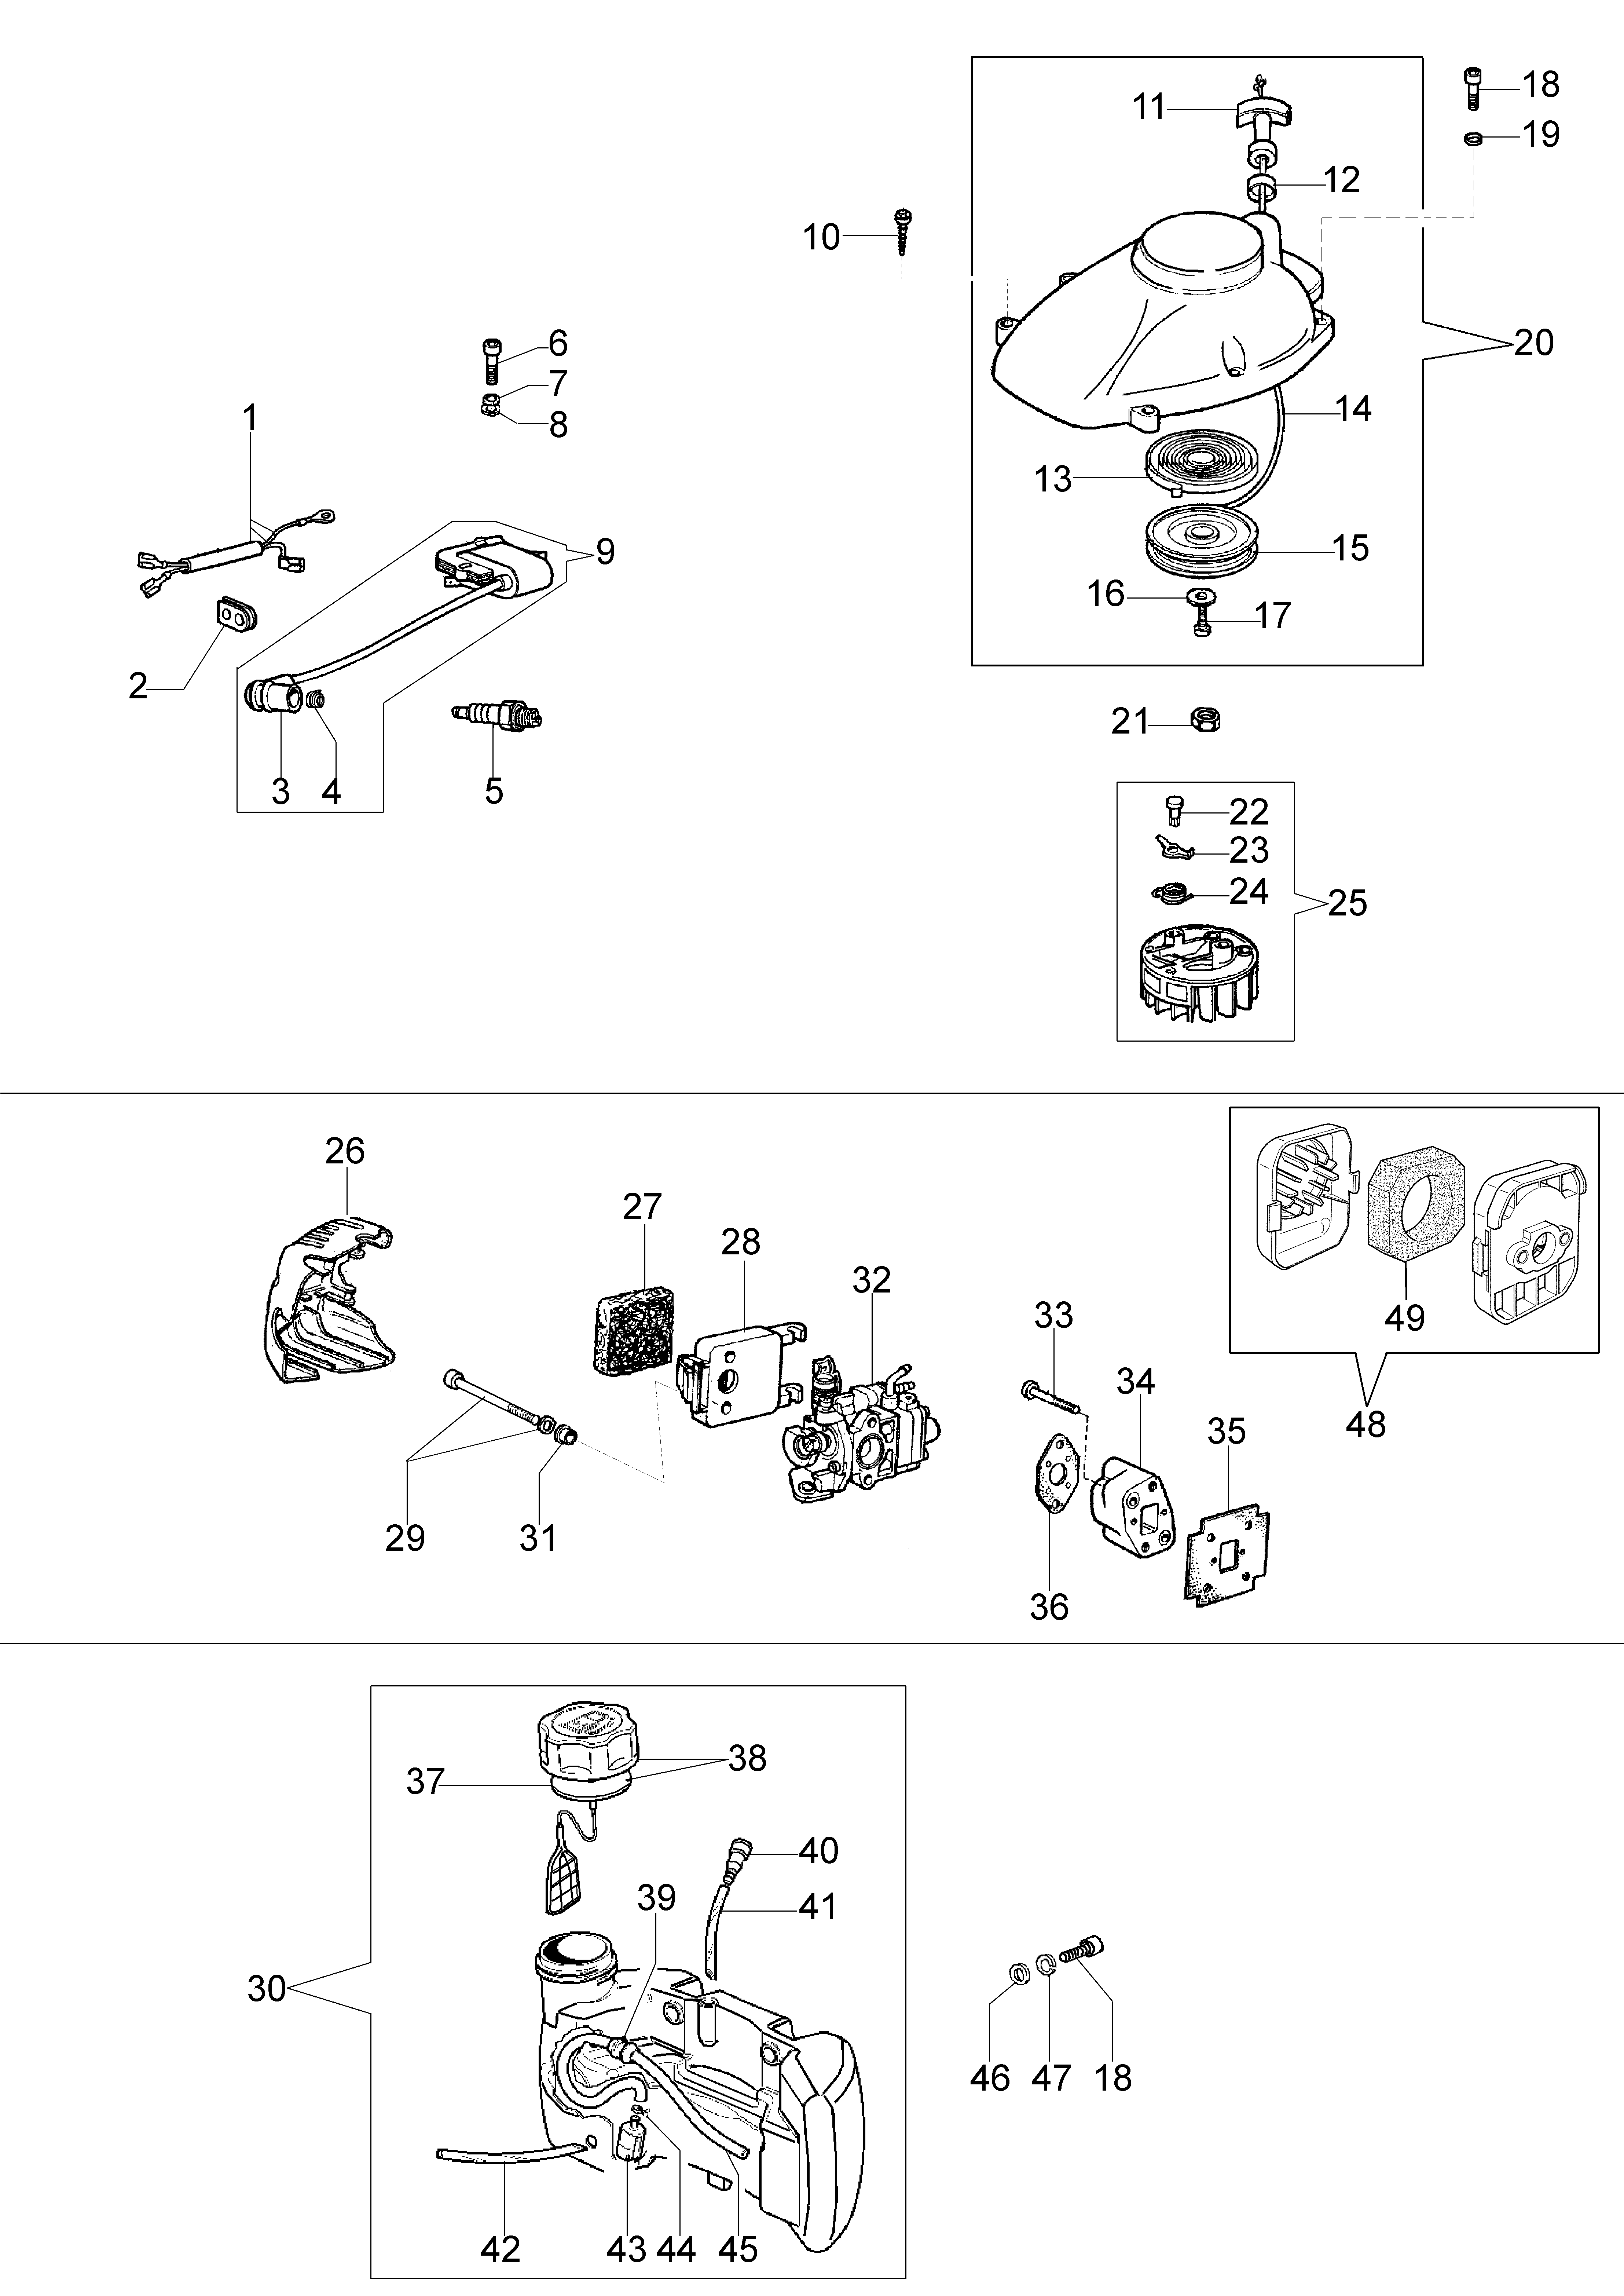 HC 275 XP Taille-haies  OLEOMAC vue éclatée  Dessins pièces -  Dispositif d allumage